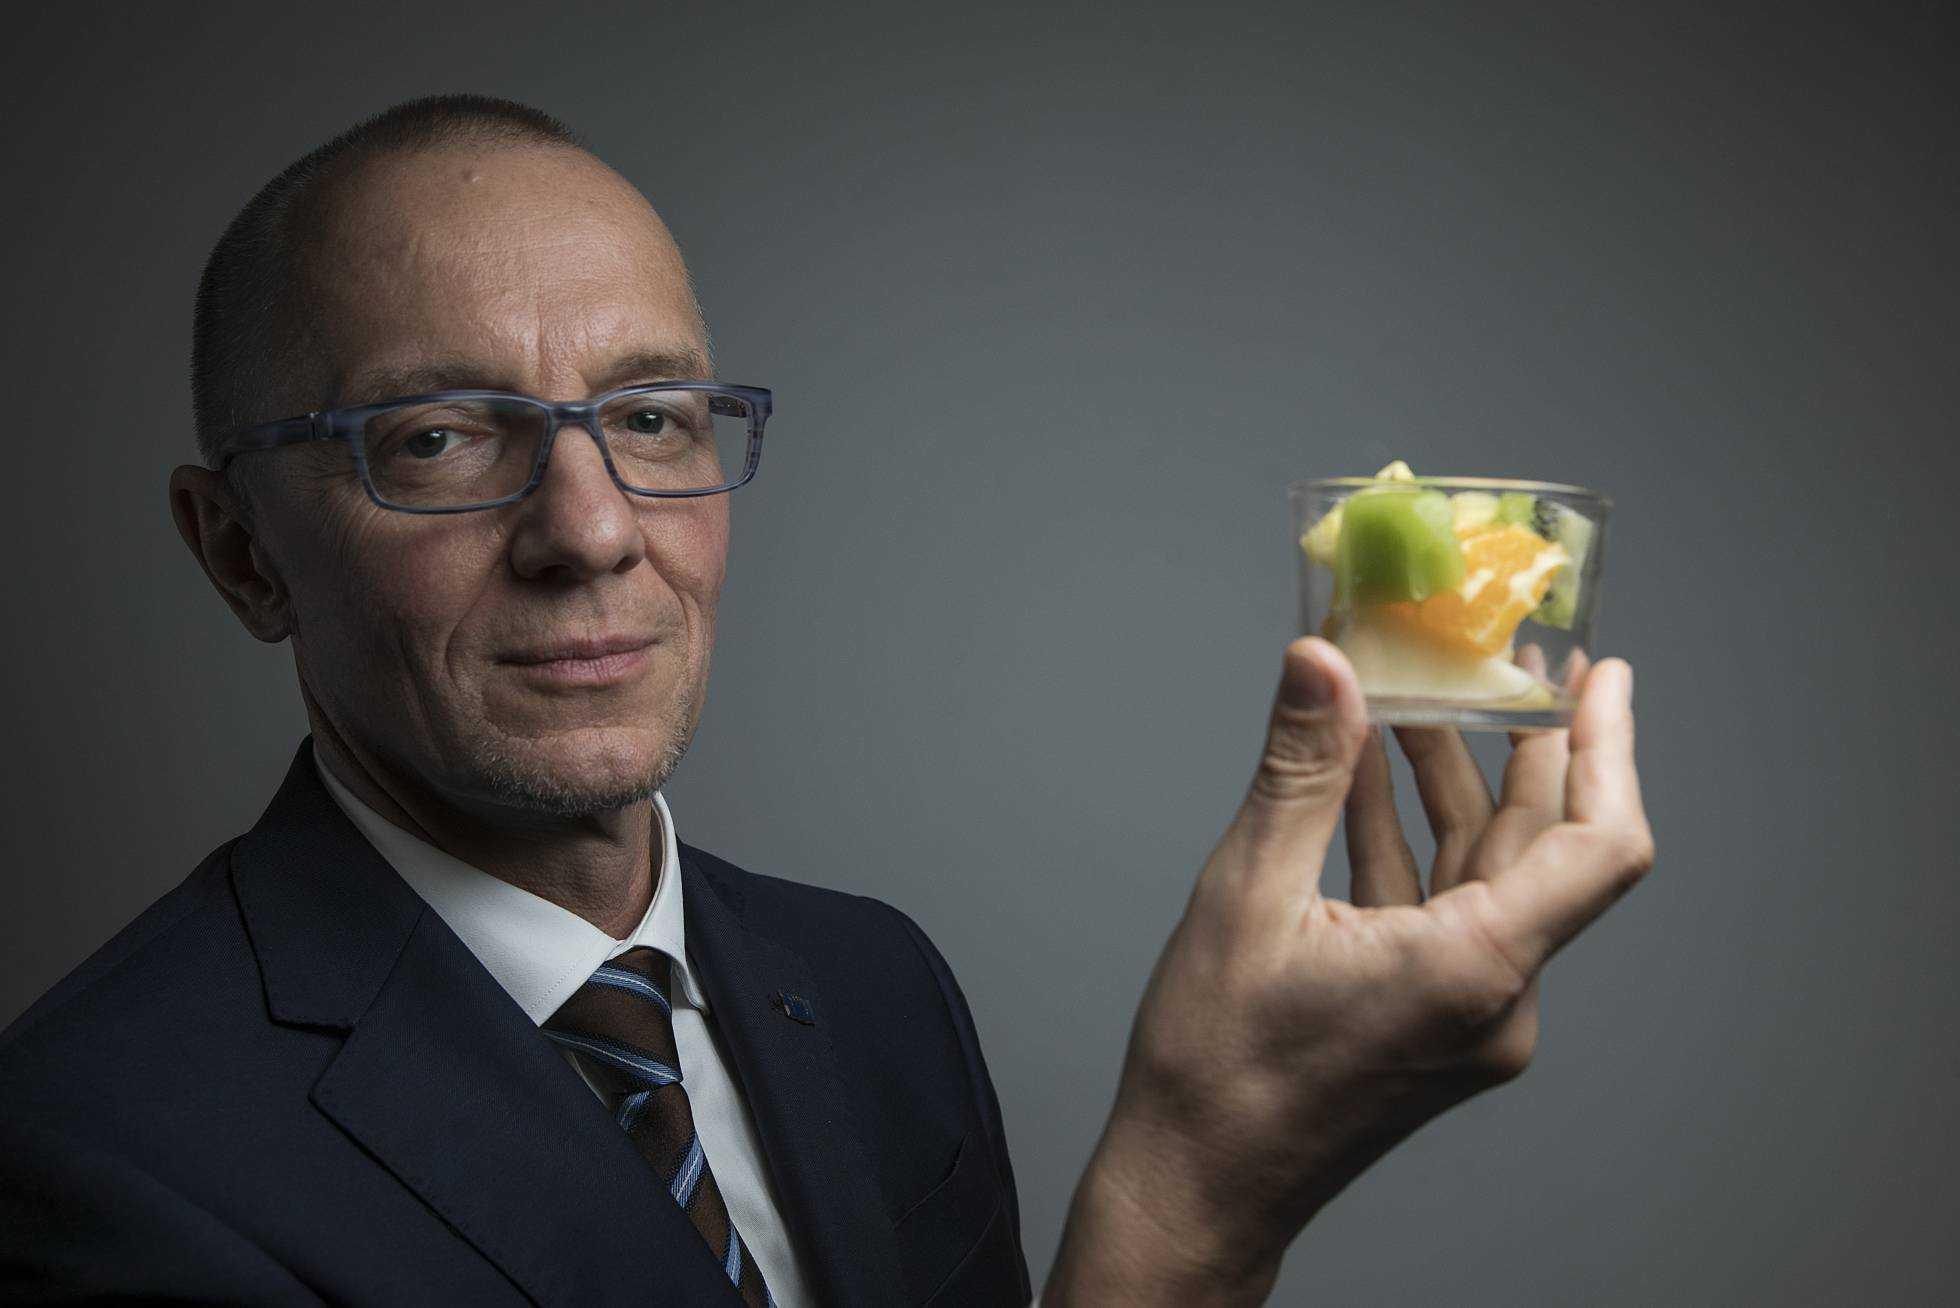 Lo orgánico no es ni más seguro ni más nutritivo